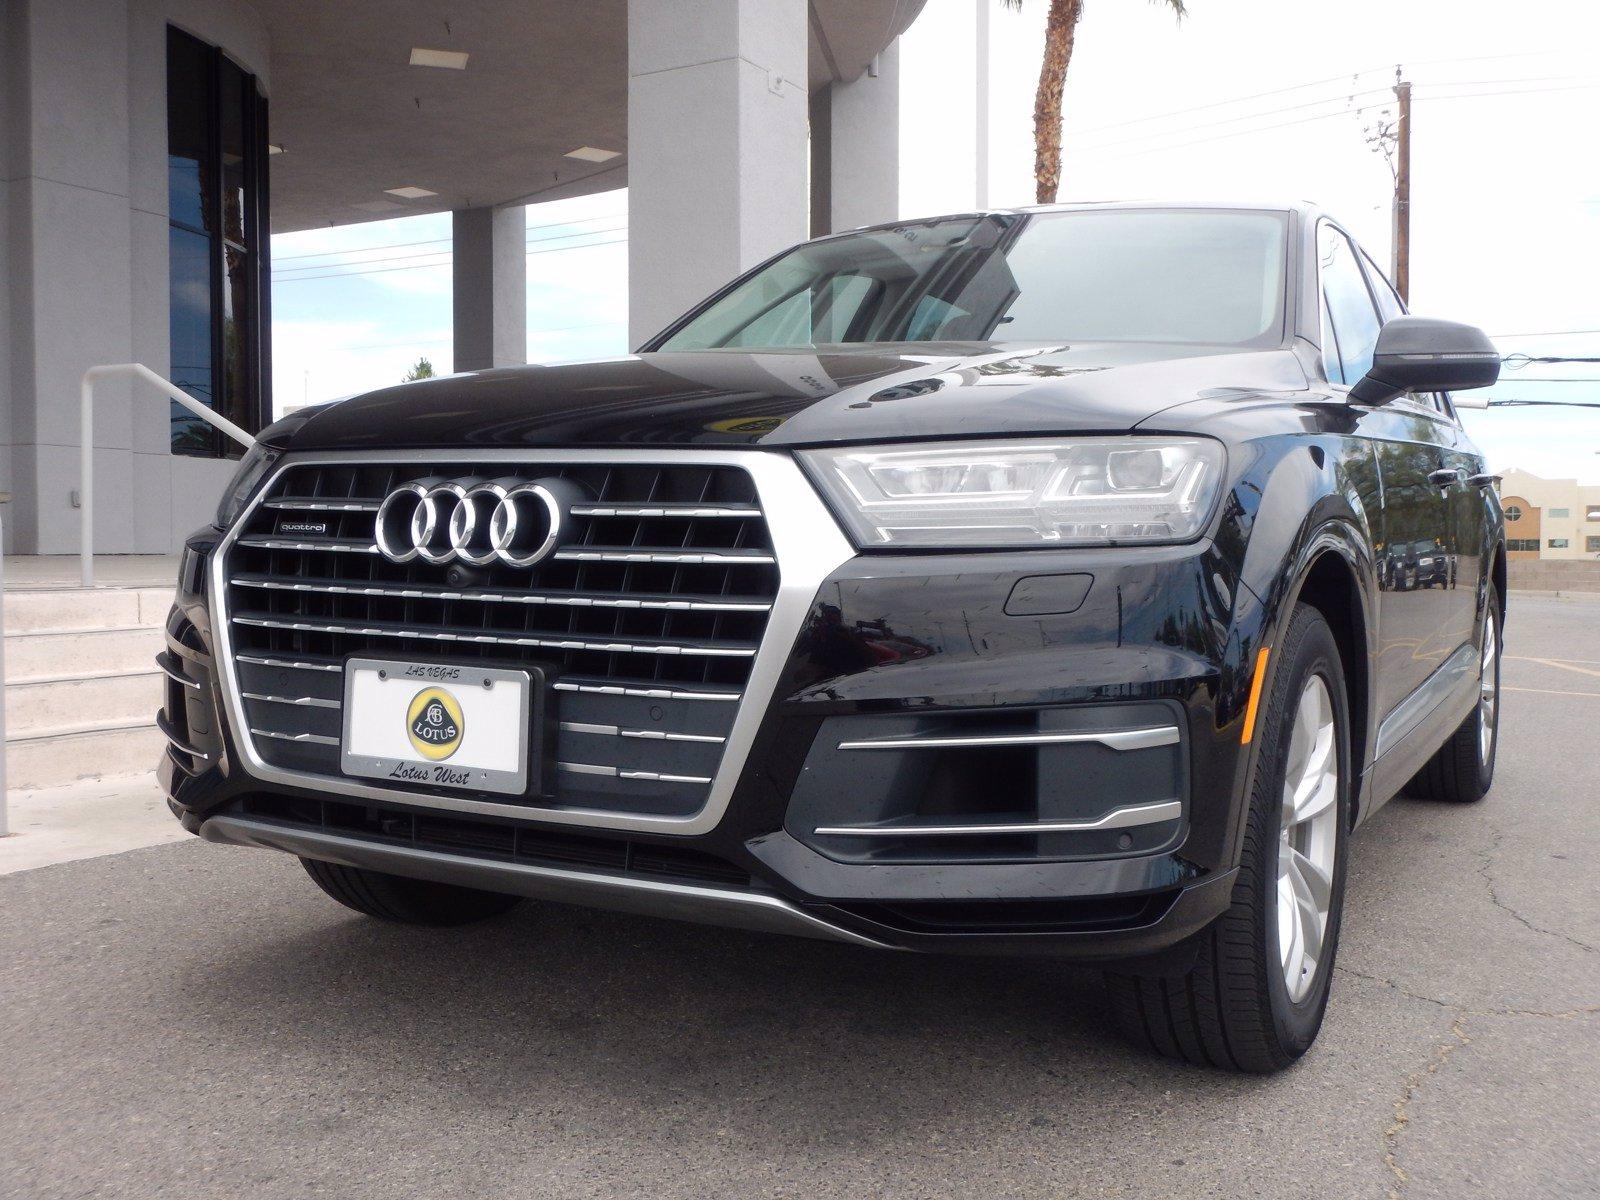 2019 Audi Q7 Premium Plus in Las Vegas, NV